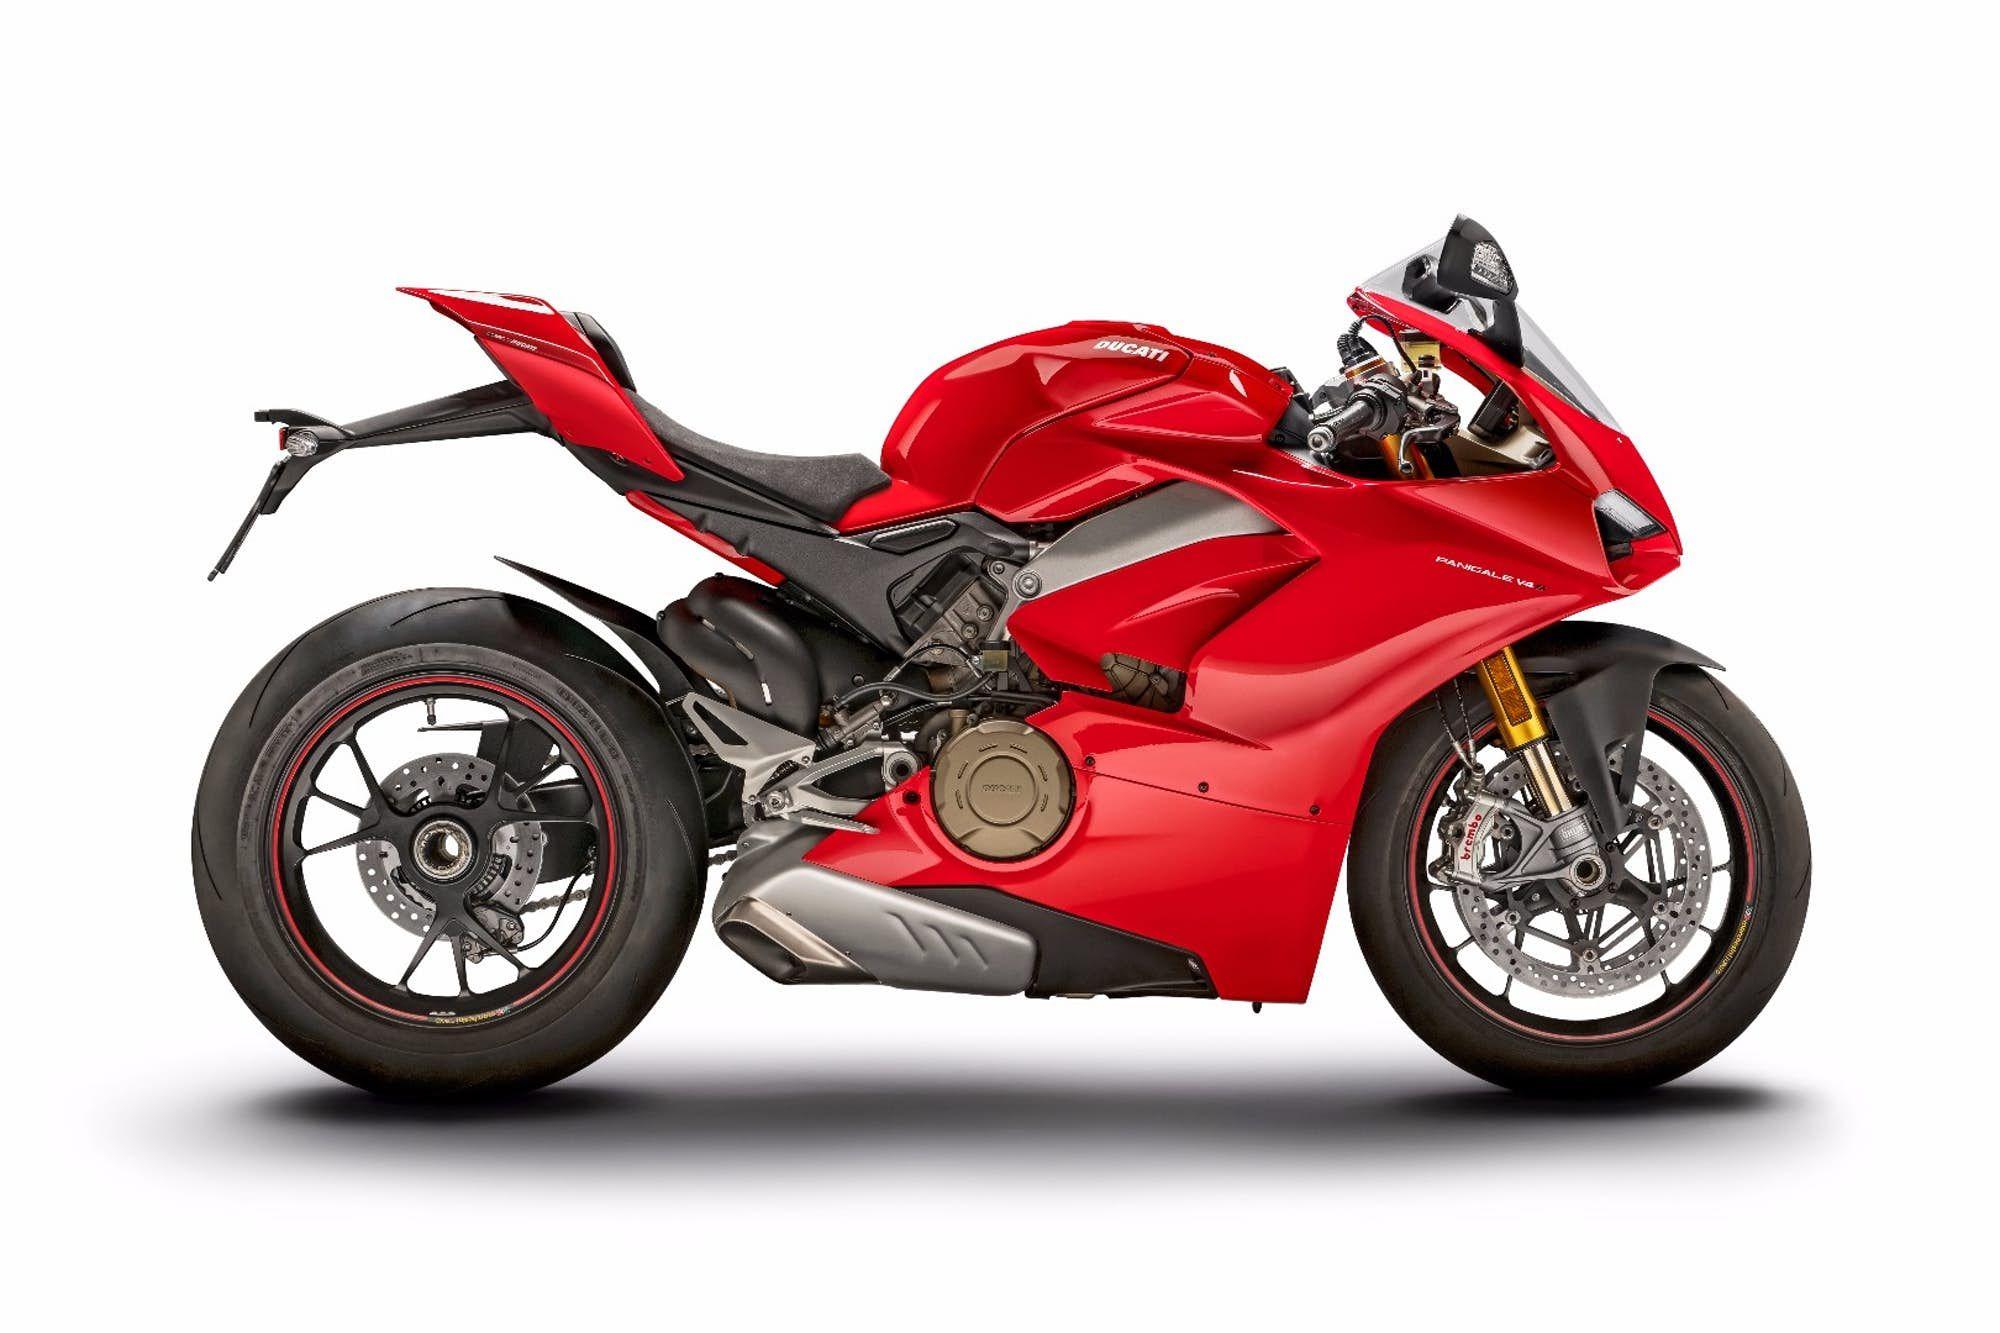 Ducati Panigale V4 Announced 226 Horsepower Motogp Beast To Hit